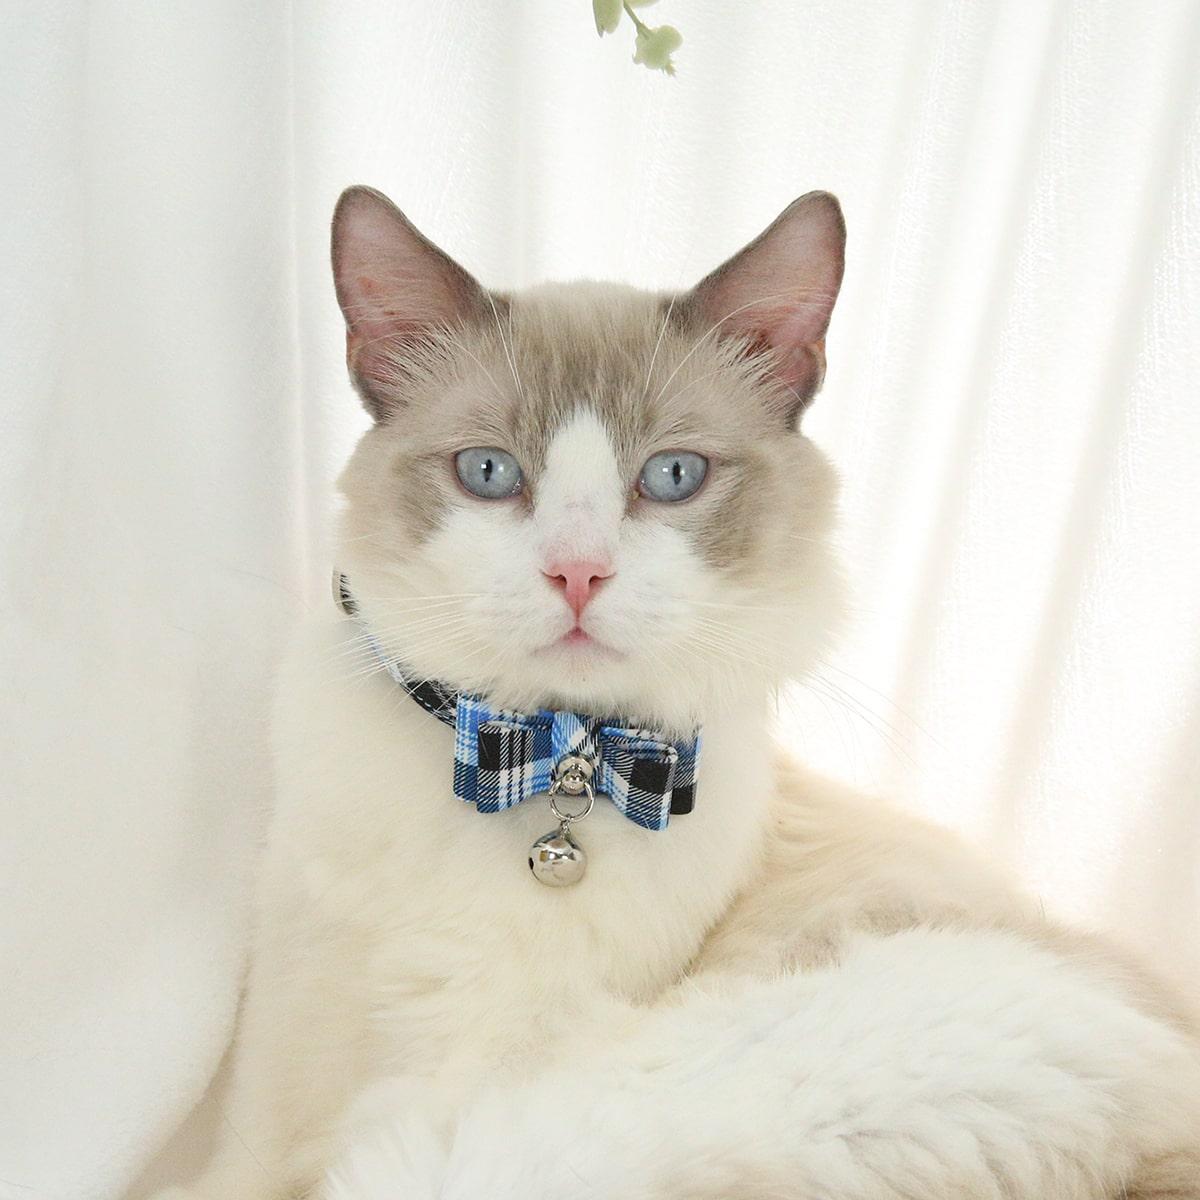 Halsband mit Karo Muster für Katze